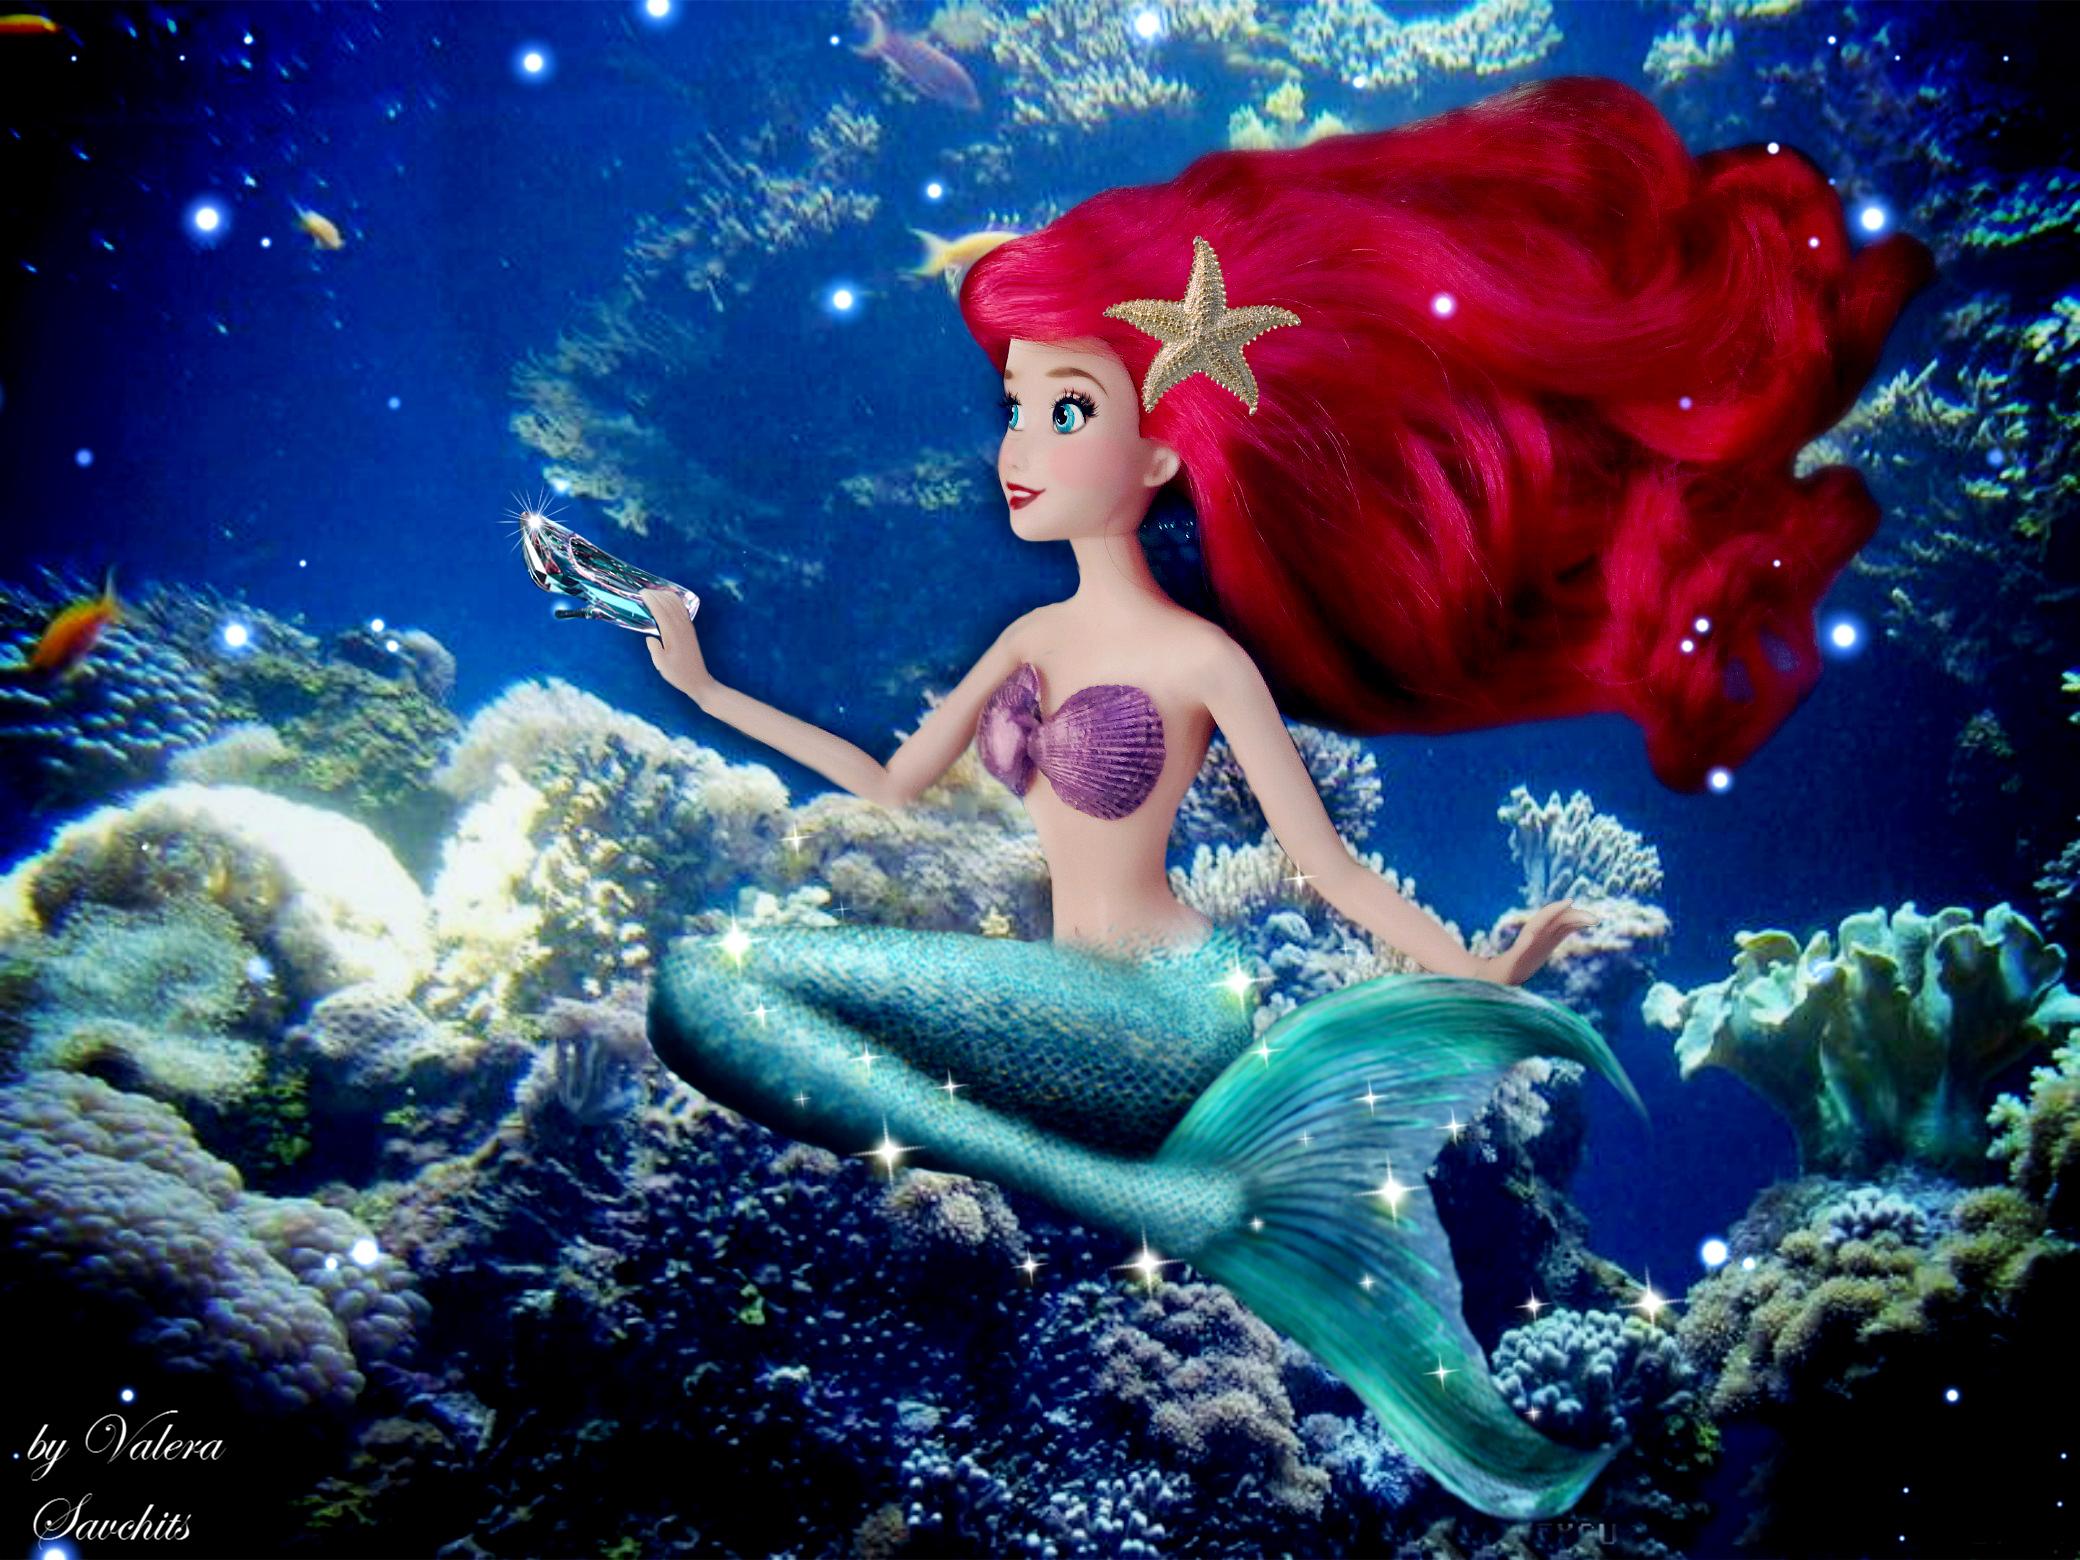 Sfondi mare acqua cartone animato magia subacqueo